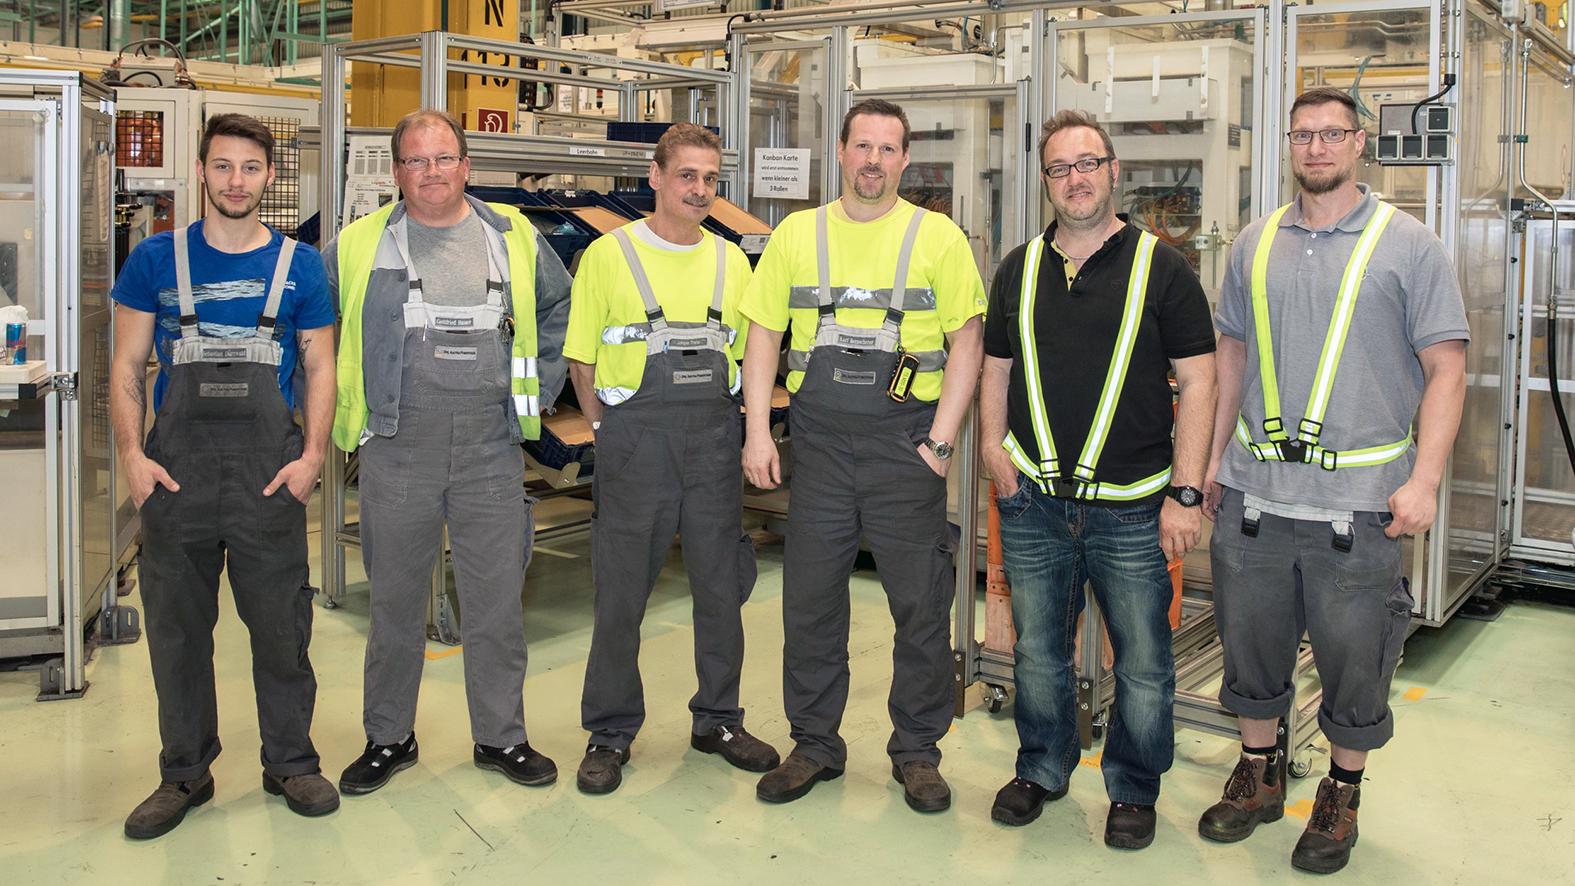 Teamgeist wird im Bereich Material Handling groß geschrieben (v.l.n.r.: Sebastian Dürrwald, Gottfried Hauer, Johann Trenz, Kurt Bernscherer, Michael Leitgeb, Peter Brzobohaty)